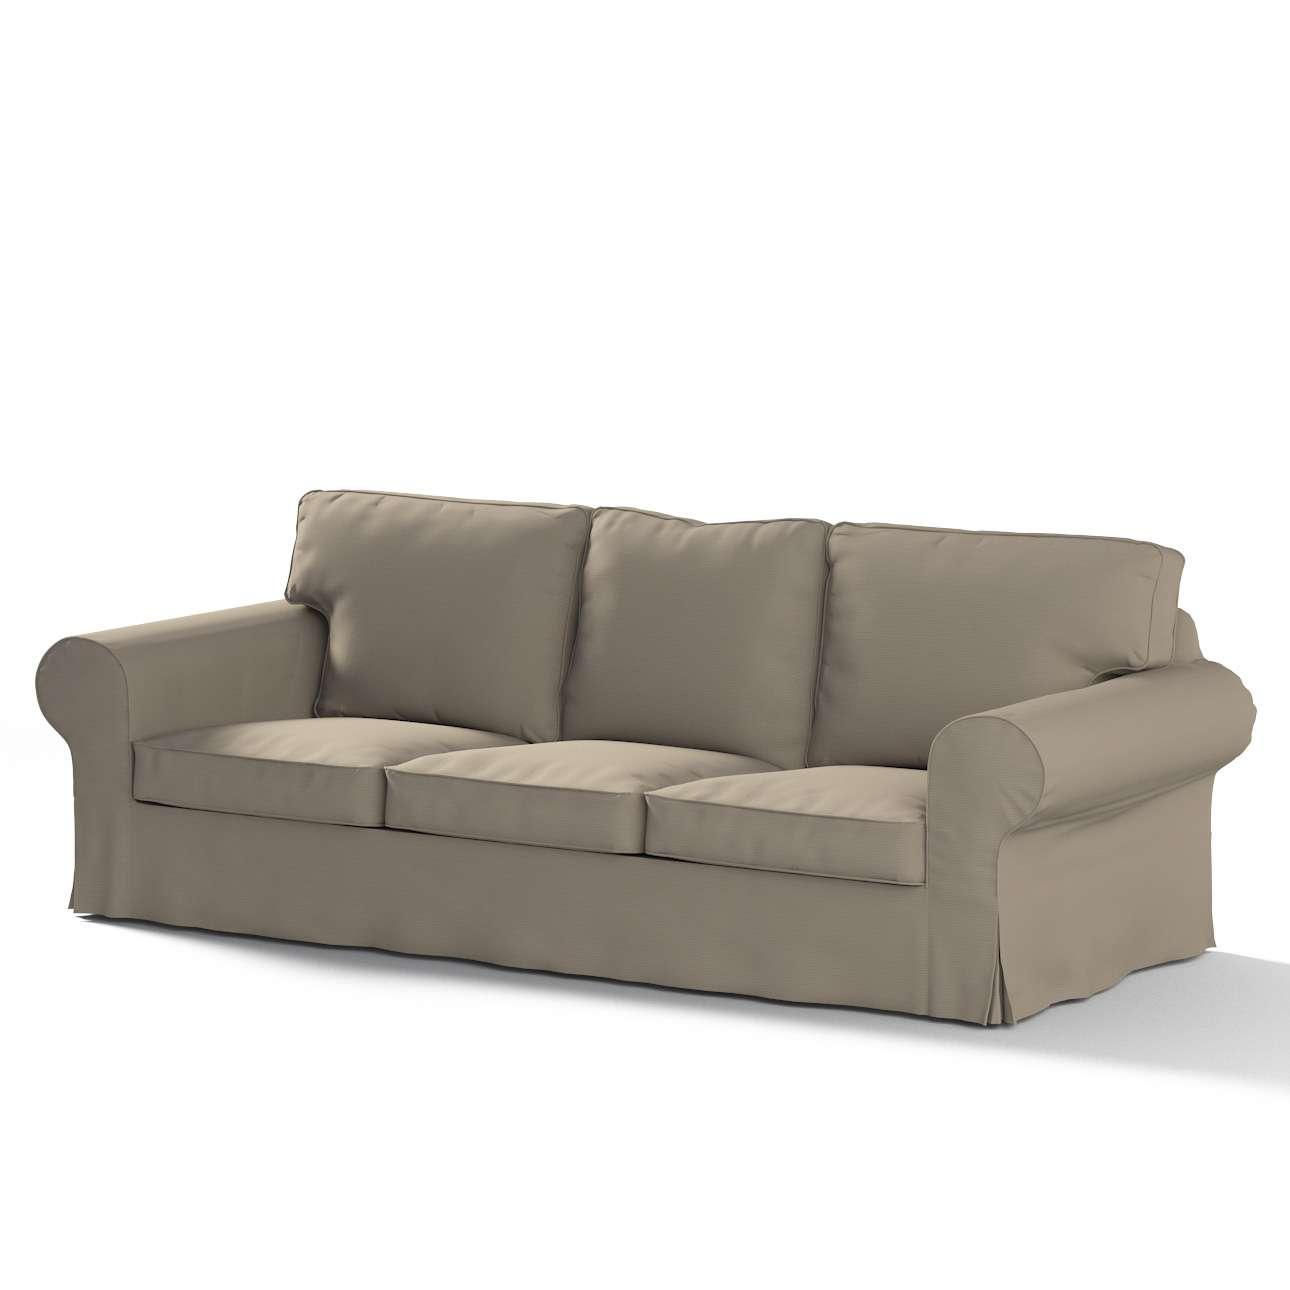 Pokrowiec na sofę Ektorp 3-osobową, rozkładaną STARY MODEL Sofa Ektorp 3-osobowa rozkładana w kolekcji Cotton Panama, tkanina: 702-28